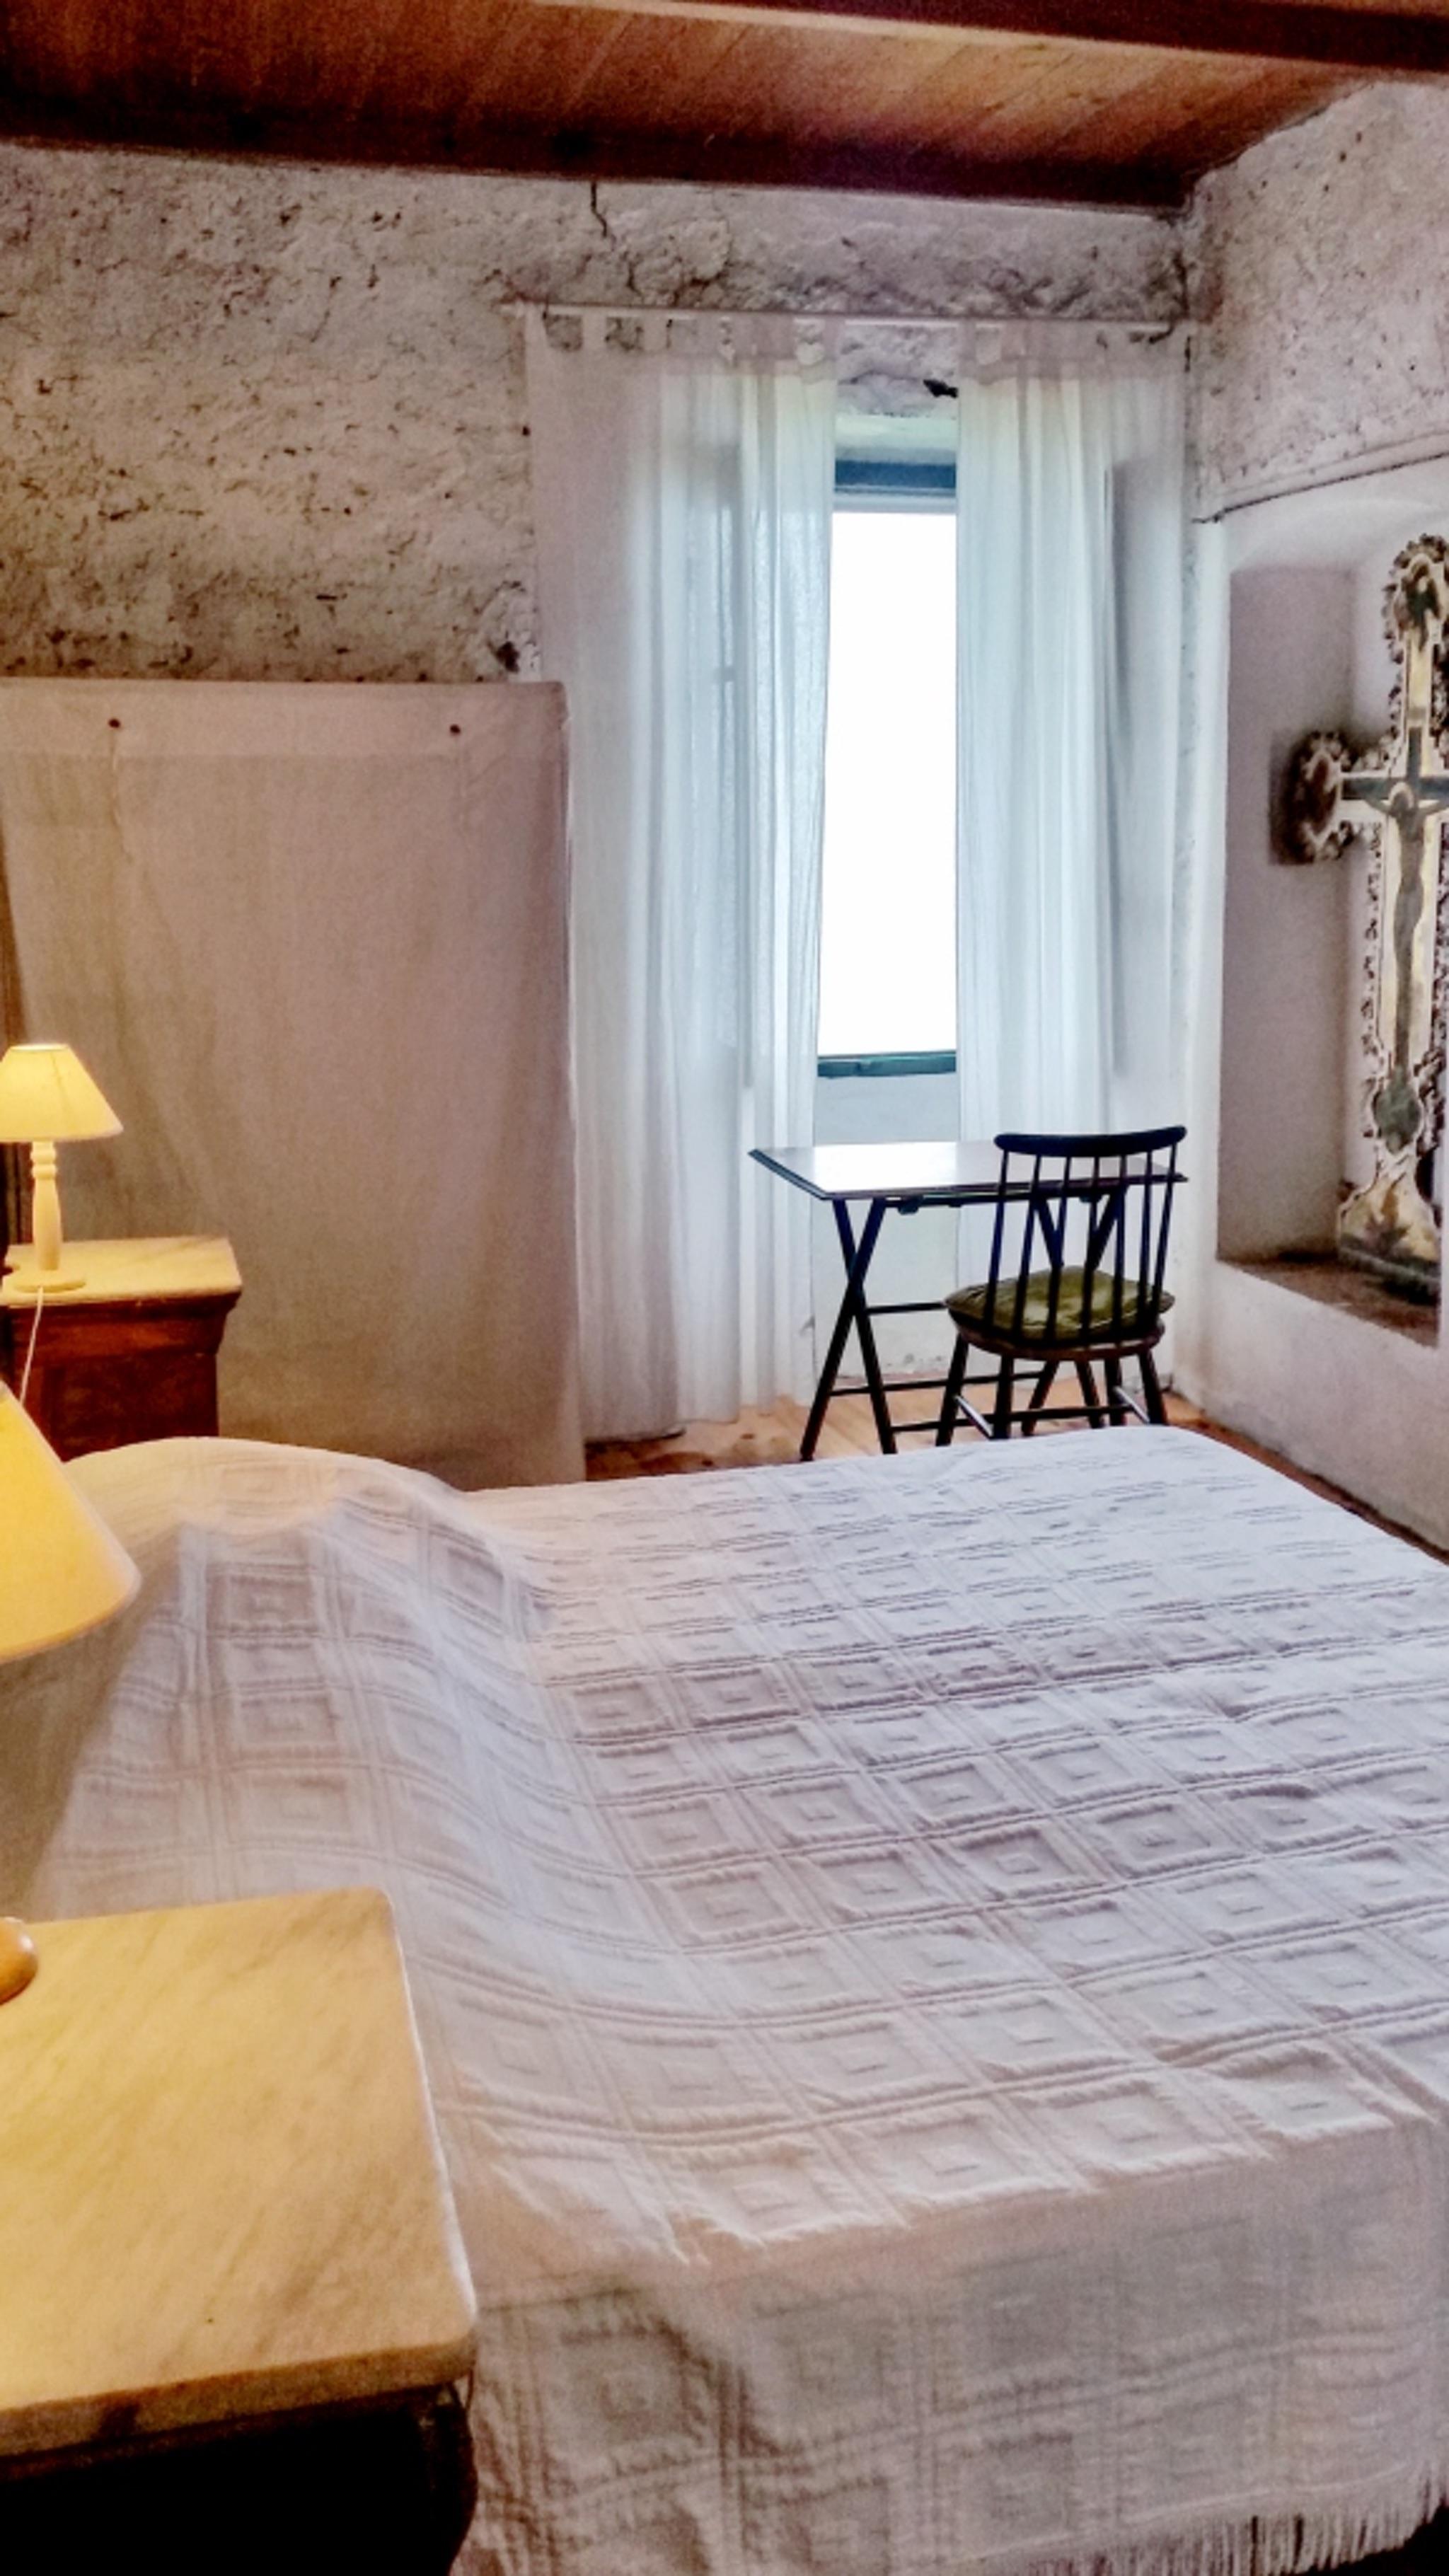 Ferienhaus Herrliches Haus mit neun Schlafzimmern und grandiosem Blick aufs Meer im hübschen Dörfchen (2202571), Centuri, Nordkorsika, Korsika, Frankreich, Bild 19